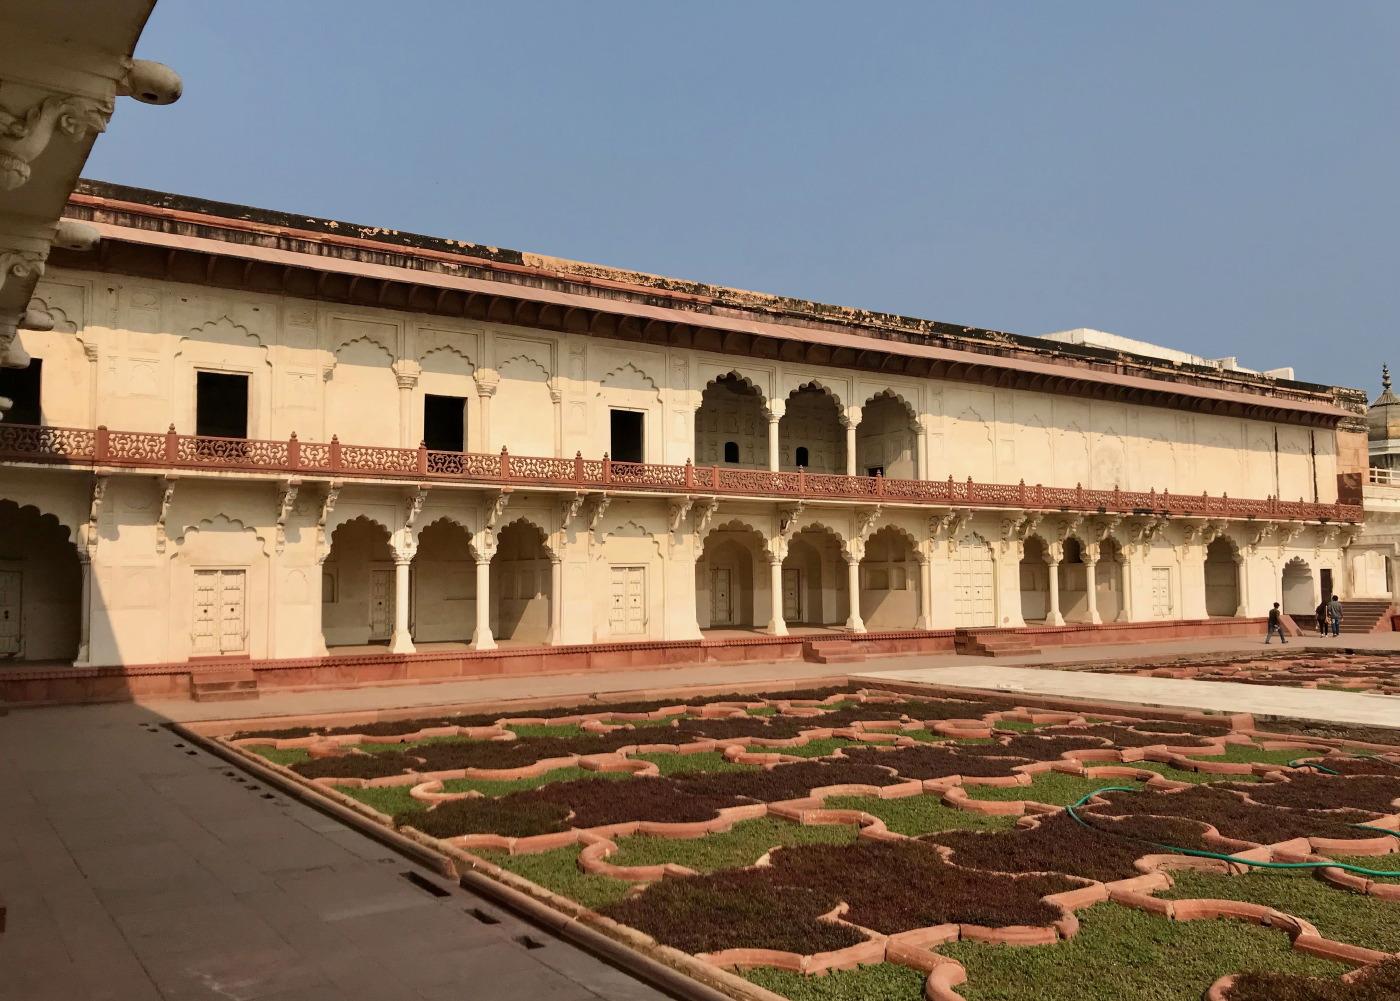 Agra (21 au 23 novembre)_9.JPG